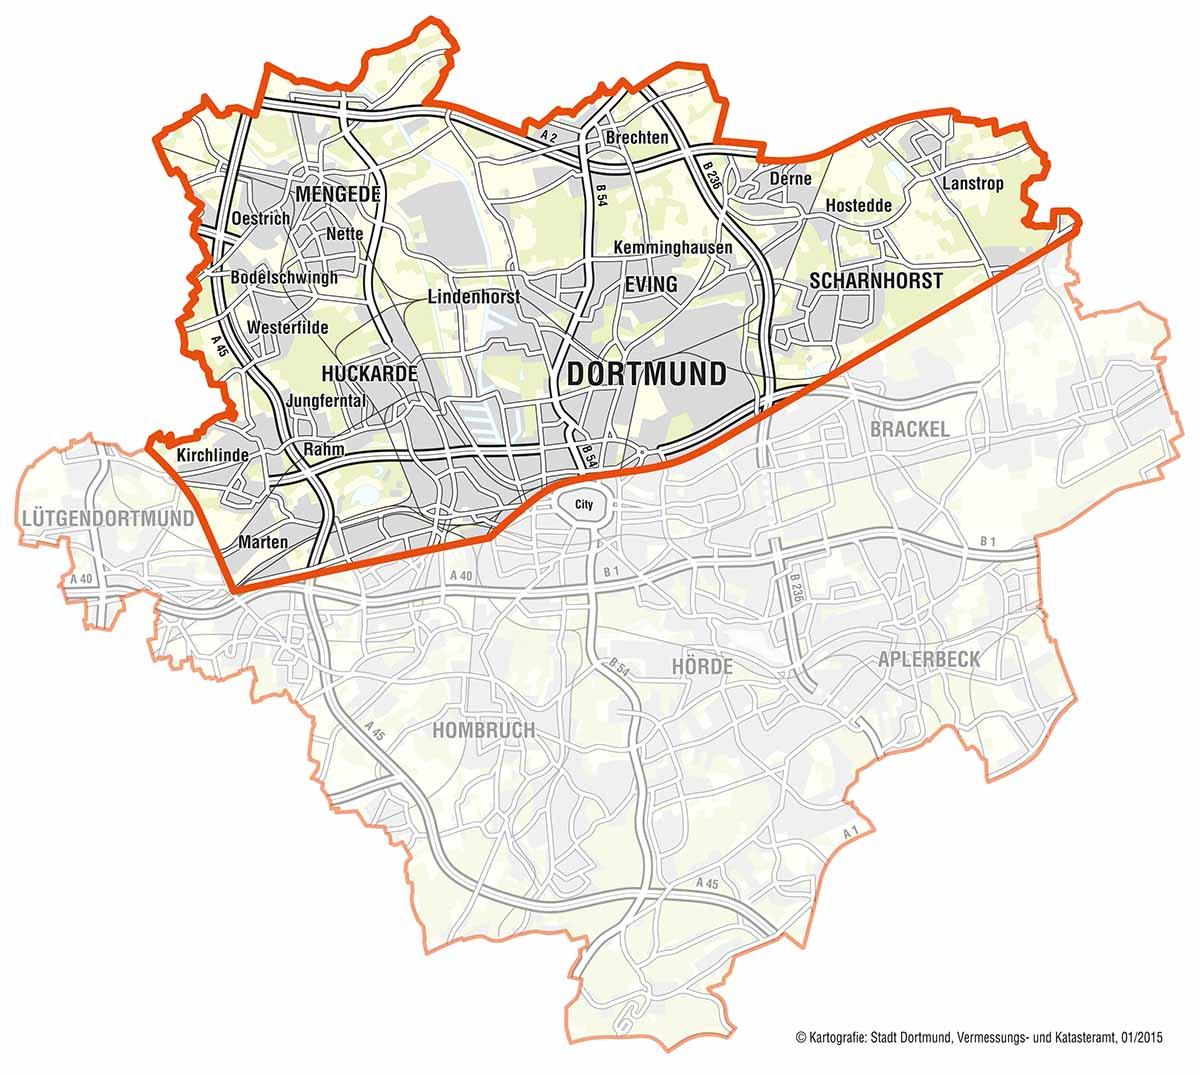 """Sieben Stadtbezirke sind in """"Nordwärts"""" ganz oder teilweise einbezogen."""